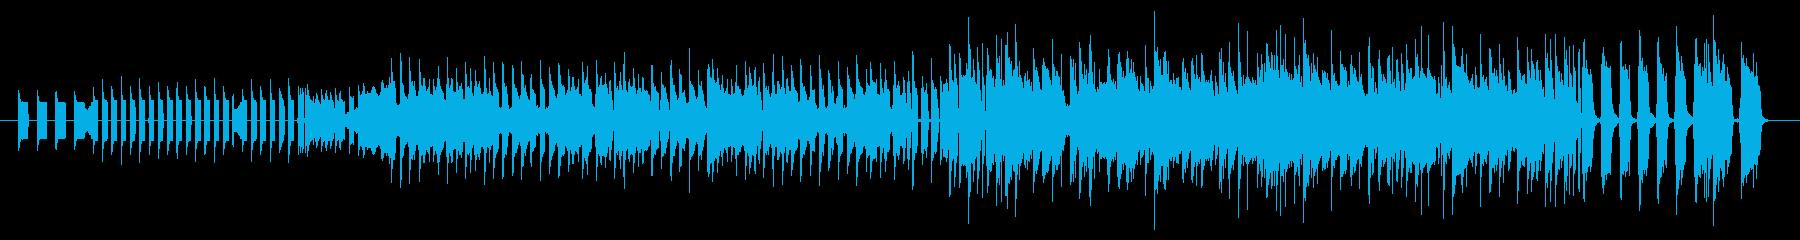 レトロゲーム風のSKA+エレクトロニカの再生済みの波形